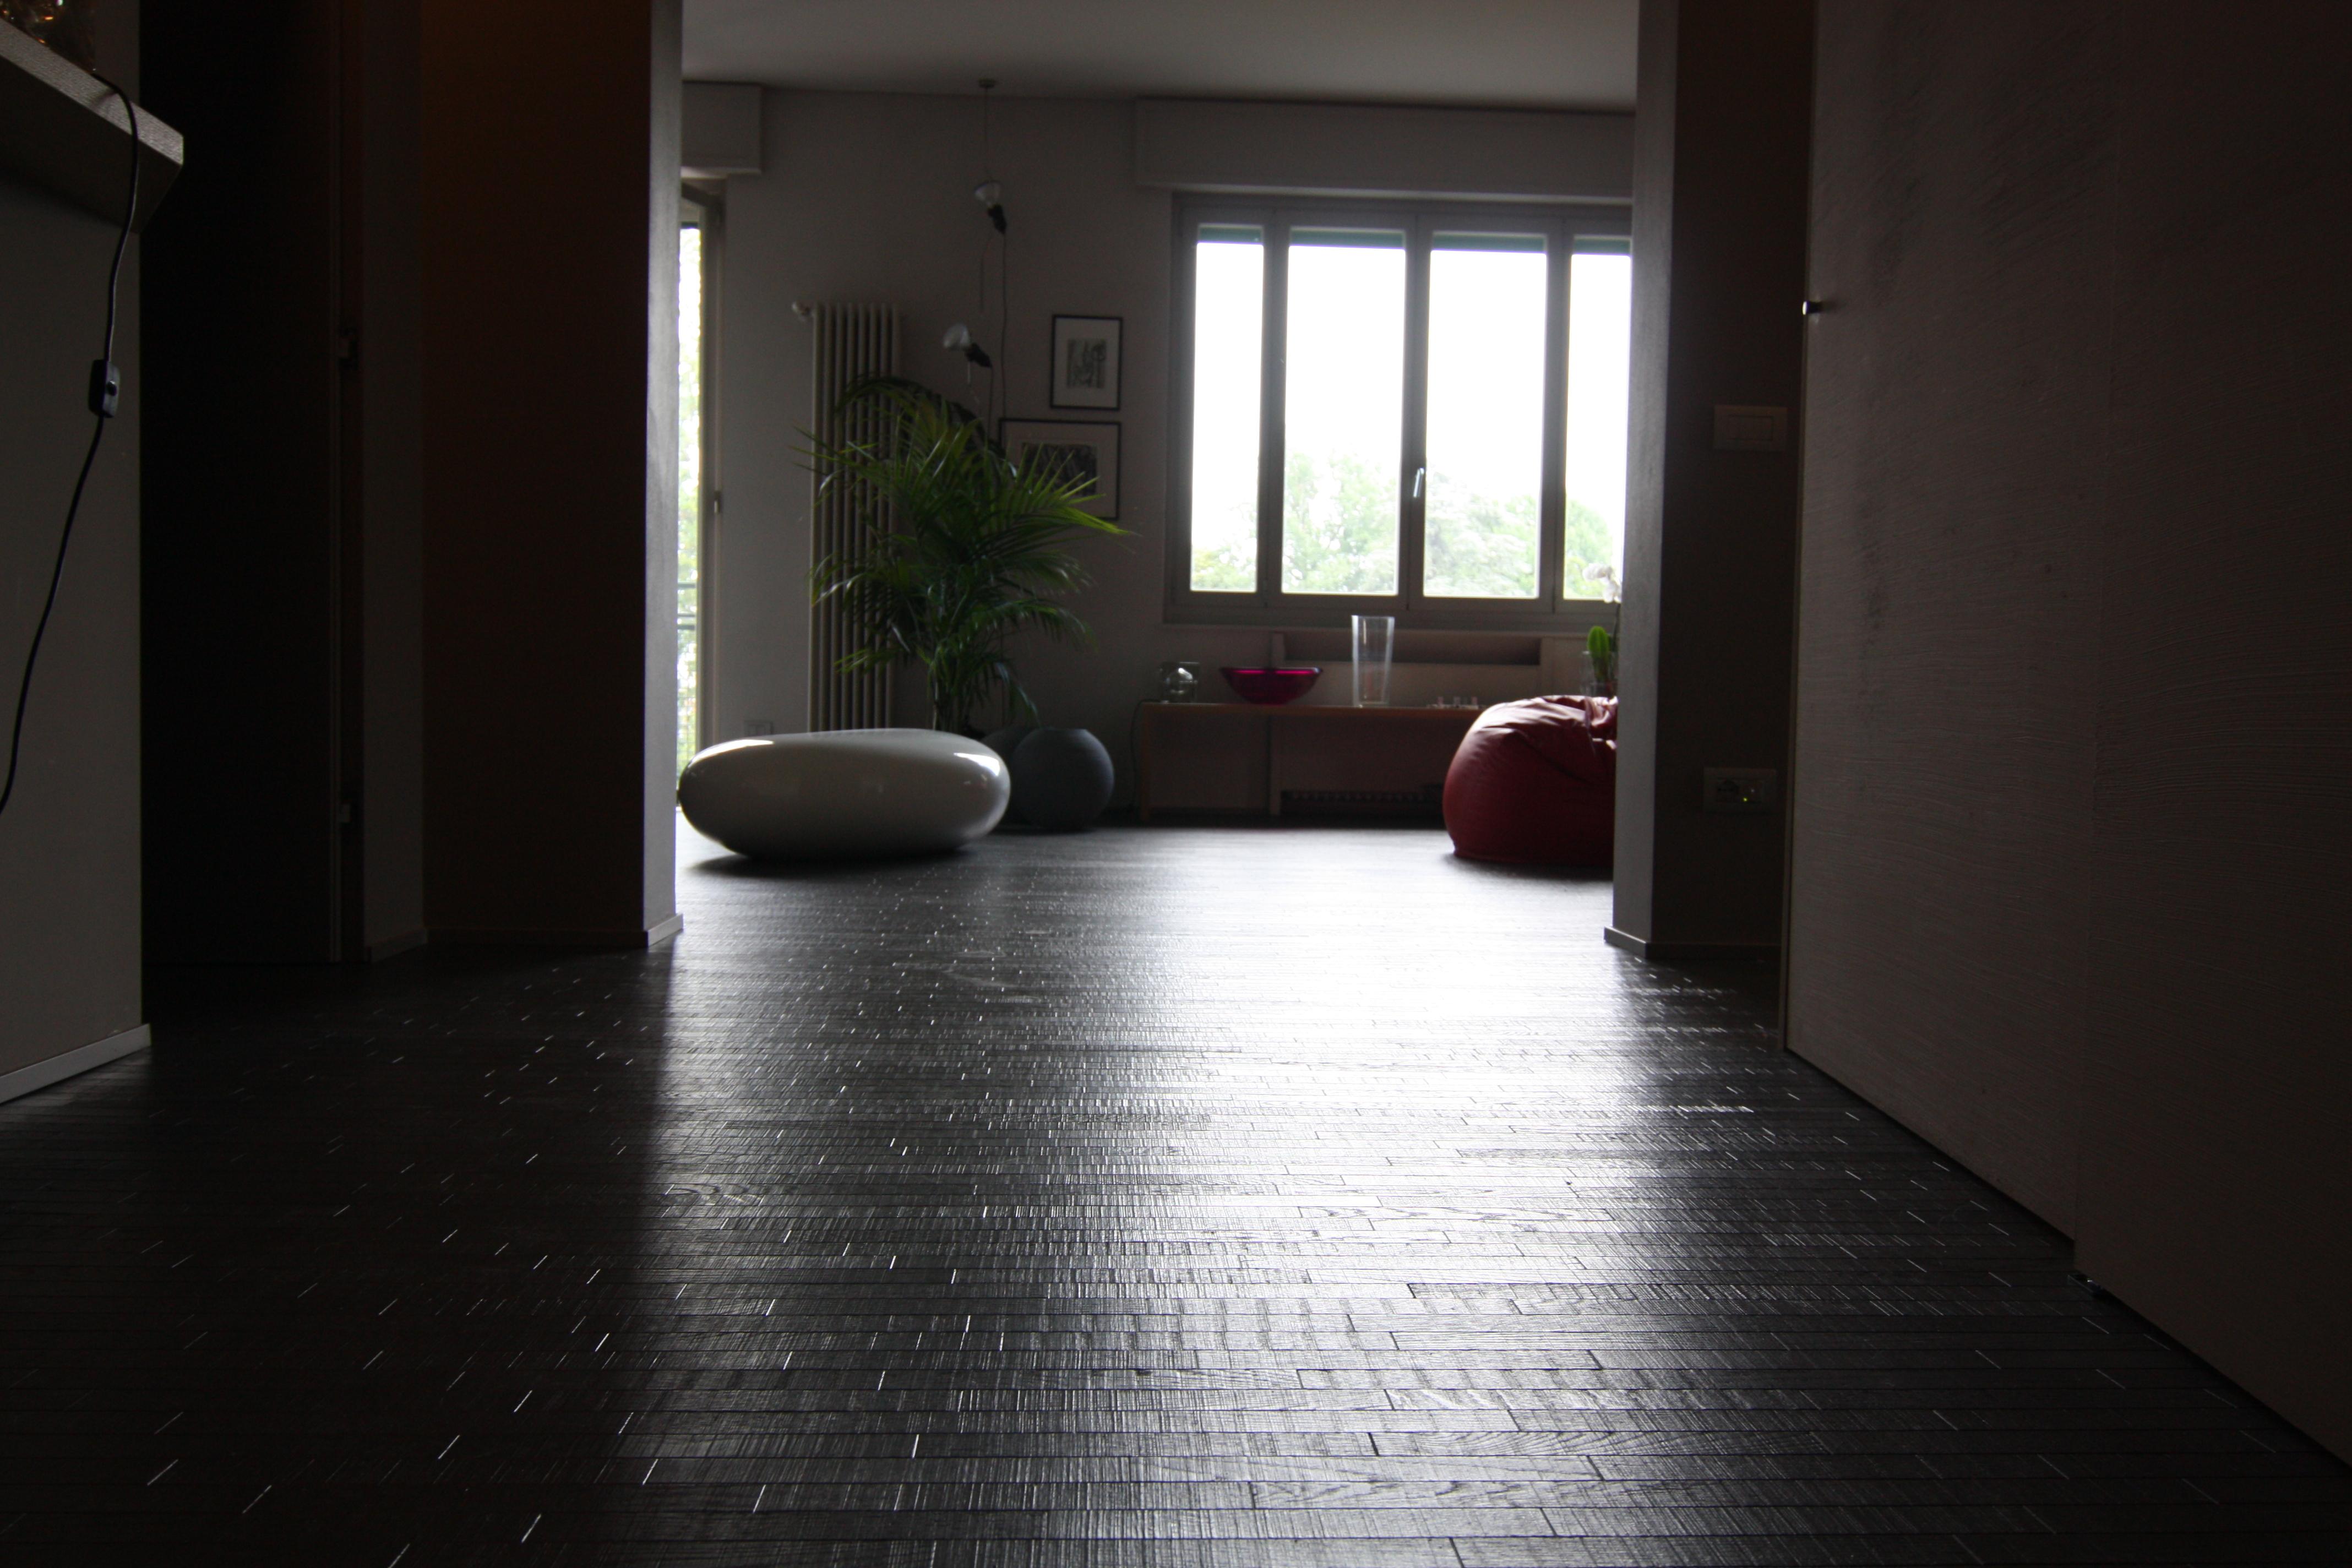 Kerakoll Resine Per Pavimenti.Pavimenti E Rivestimenti In Resina Parma 001 Design